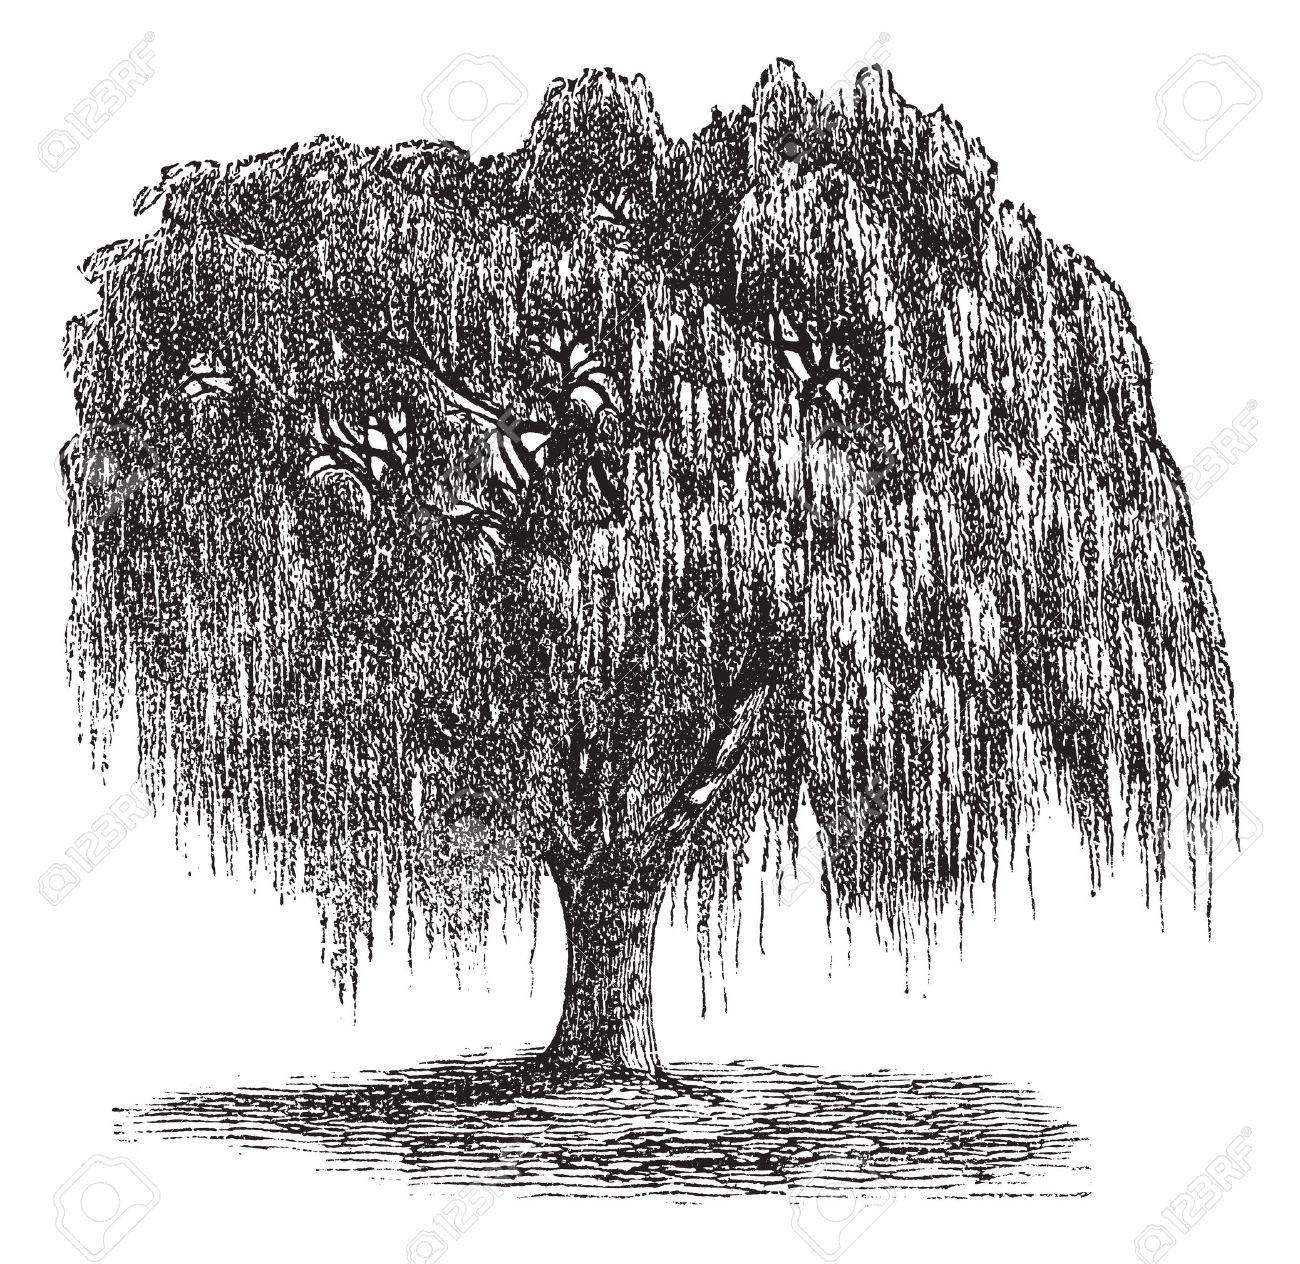 Babilonia Willow O Salix Babylonica O Sauce De Pekín O El Sauce.